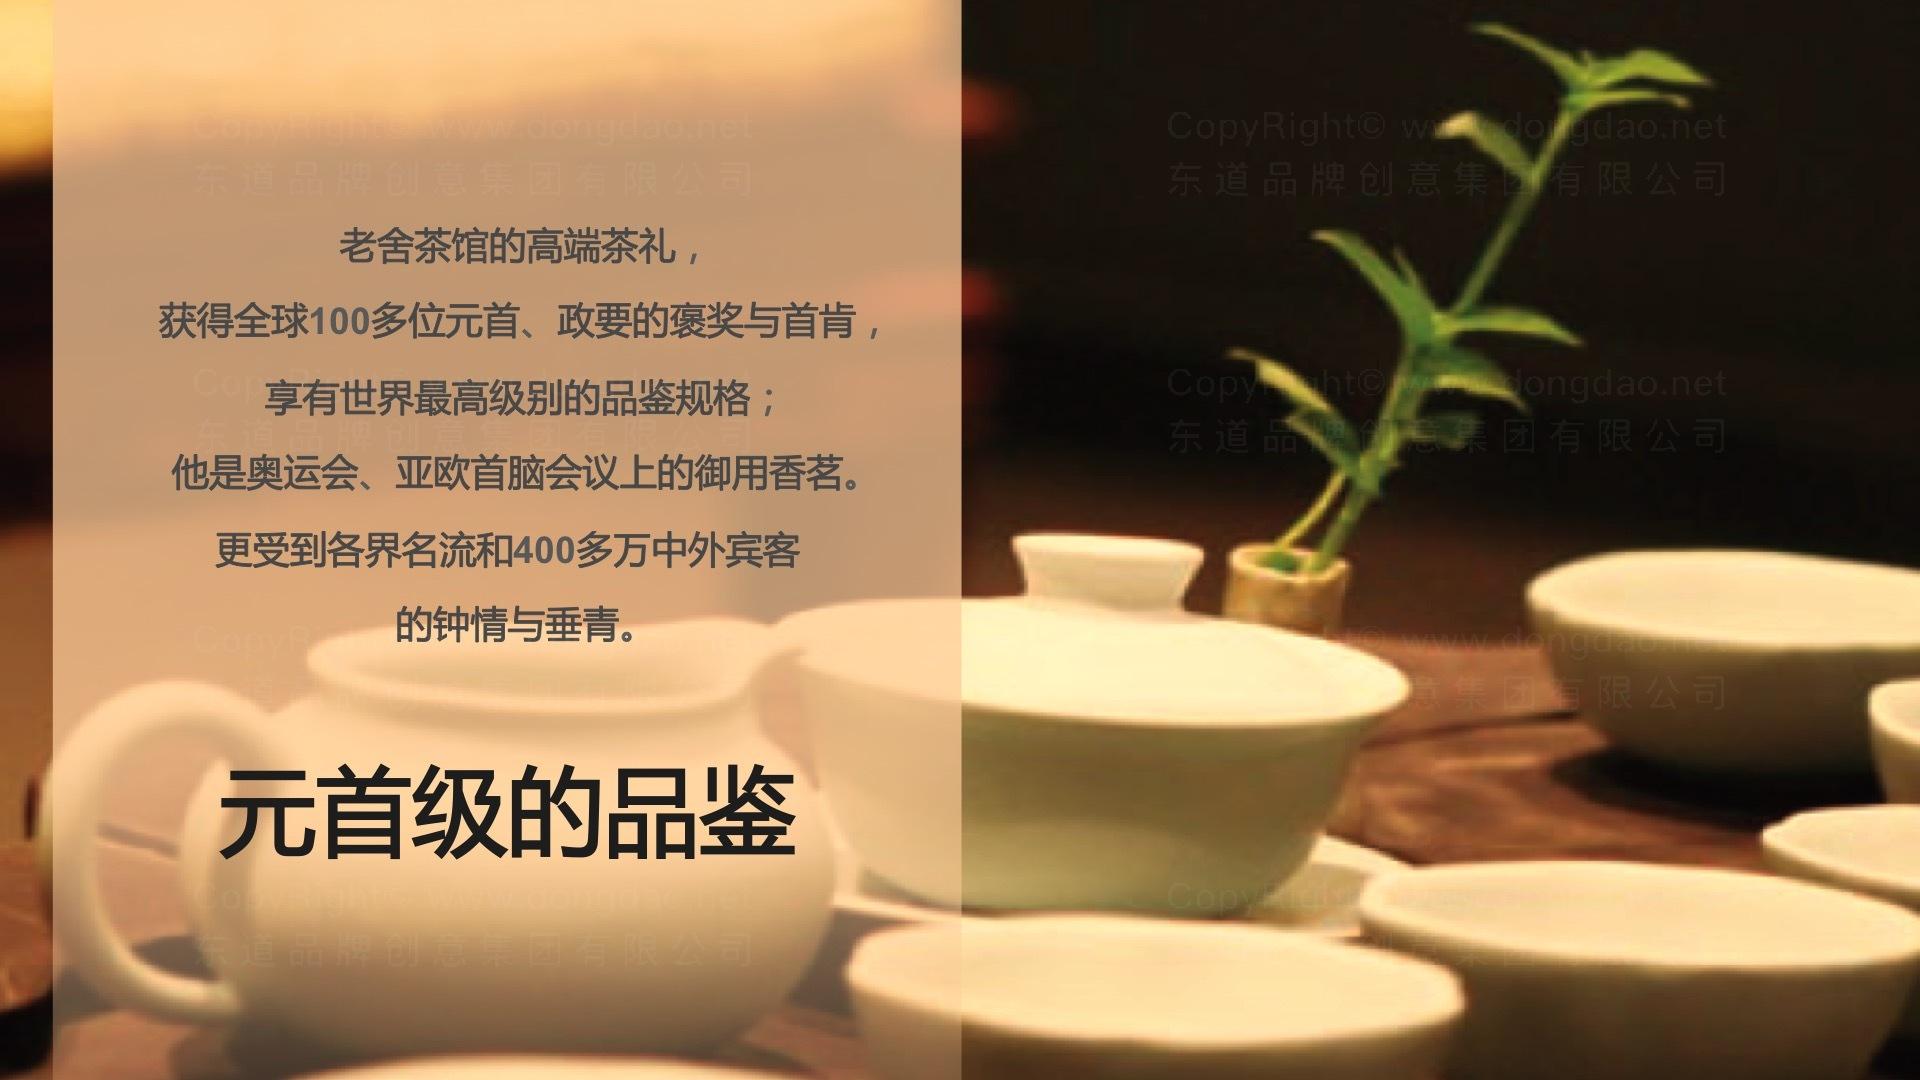 品牌戰略&企業文化老舍茶館高端茶禮品牌戰略規劃應用場景